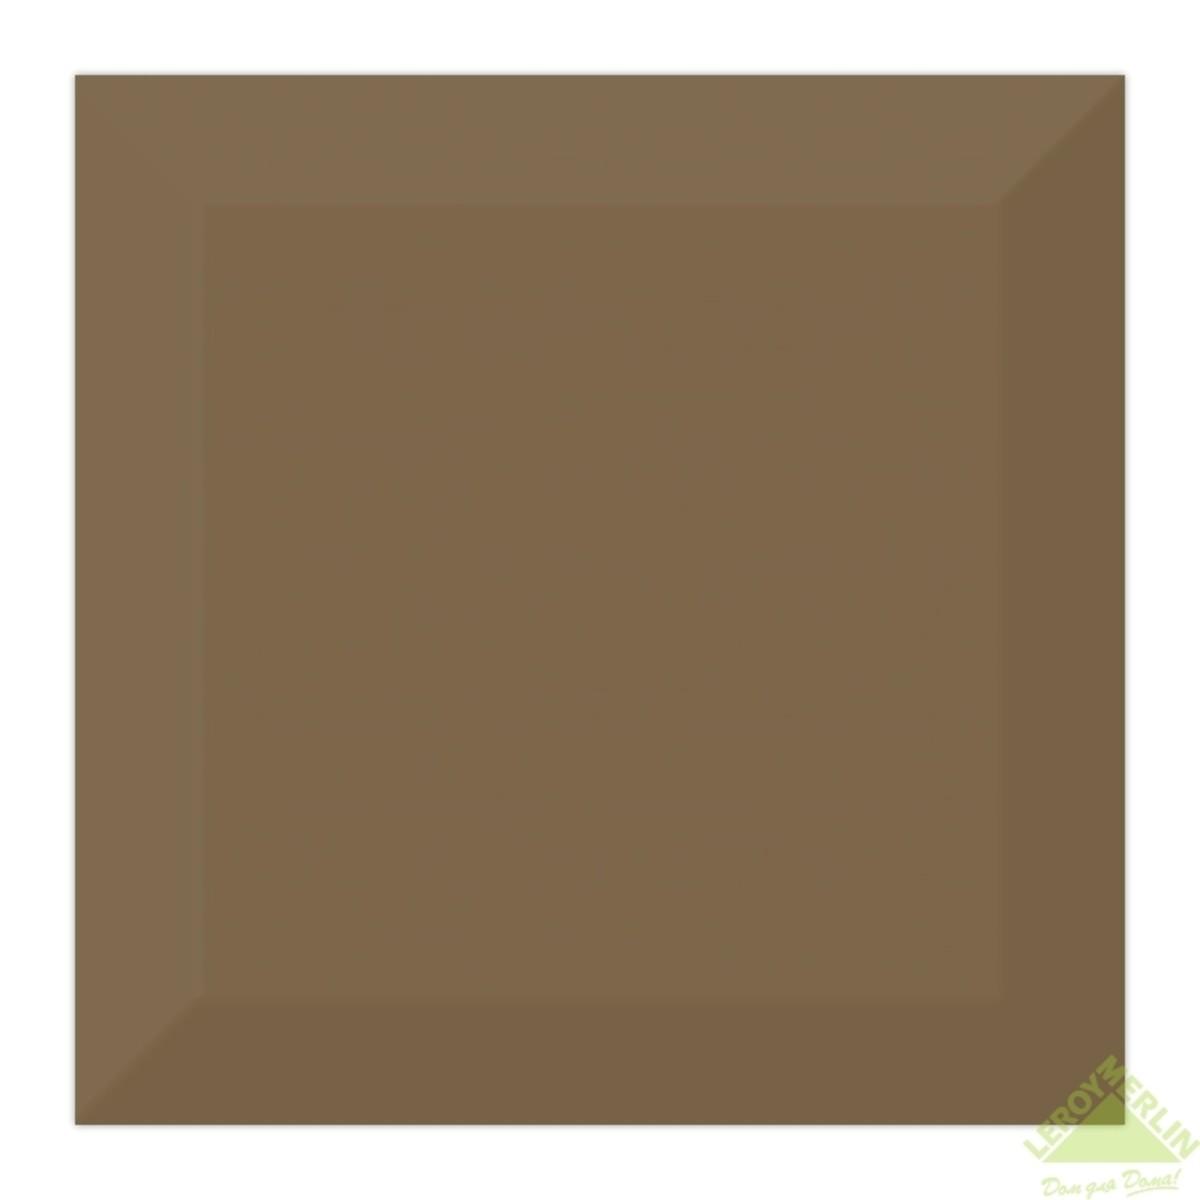 Плитка настенная Порто цвет шоколад 15x15 см 1035 м2